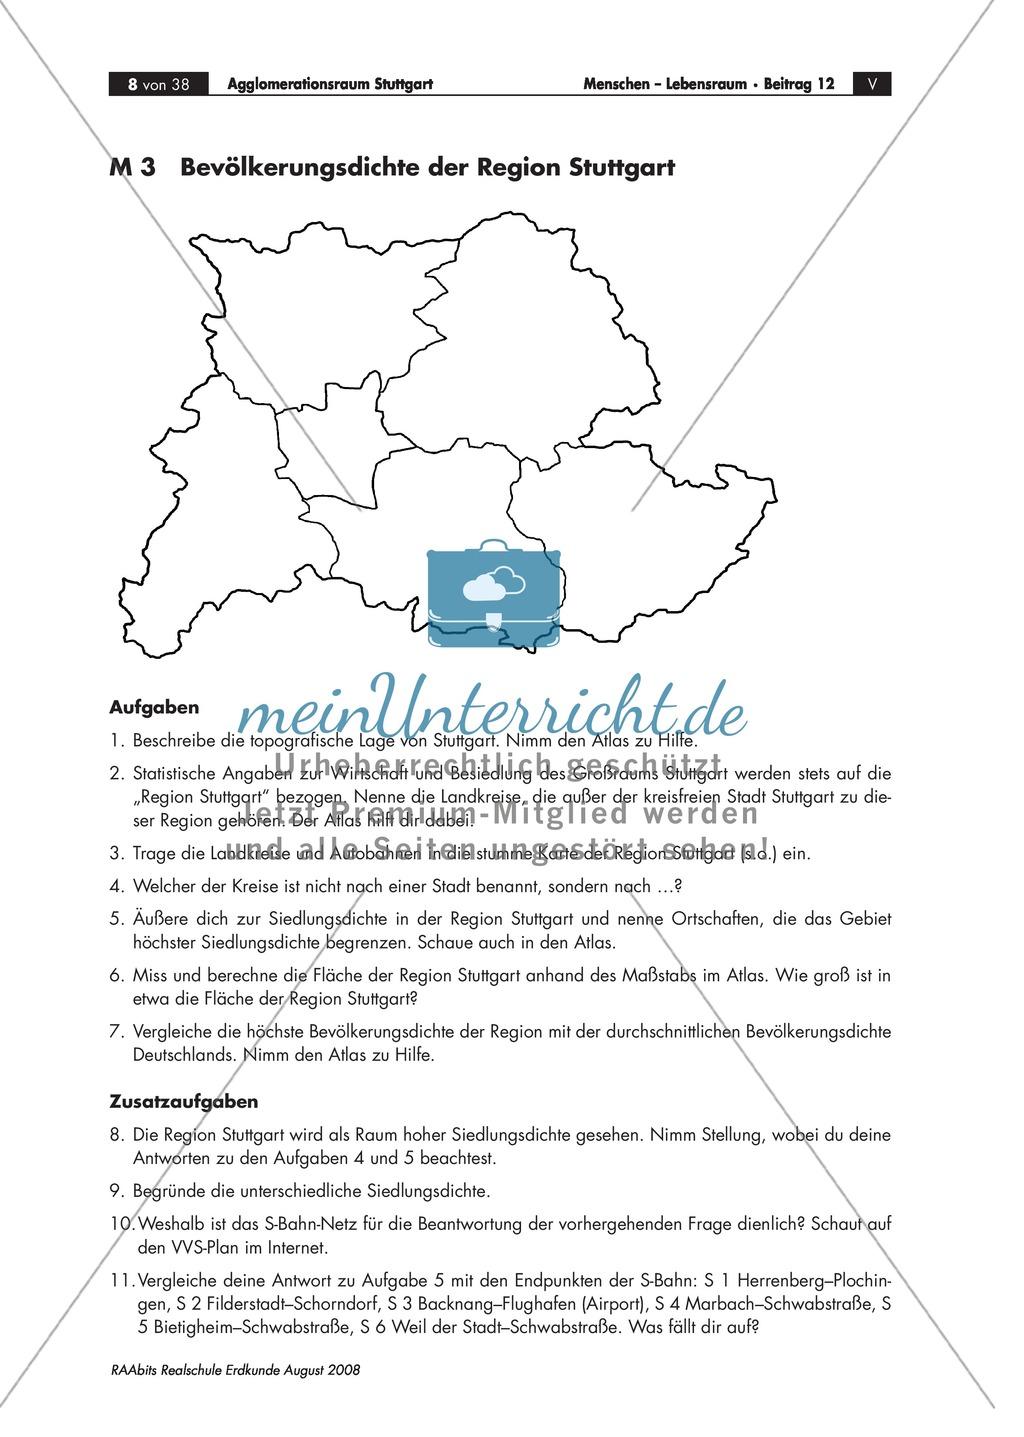 Kartenarbeit: Bevölkerungsdichte im Raum Stuttgart in eine stumme Karte einzeichnen Preview 0